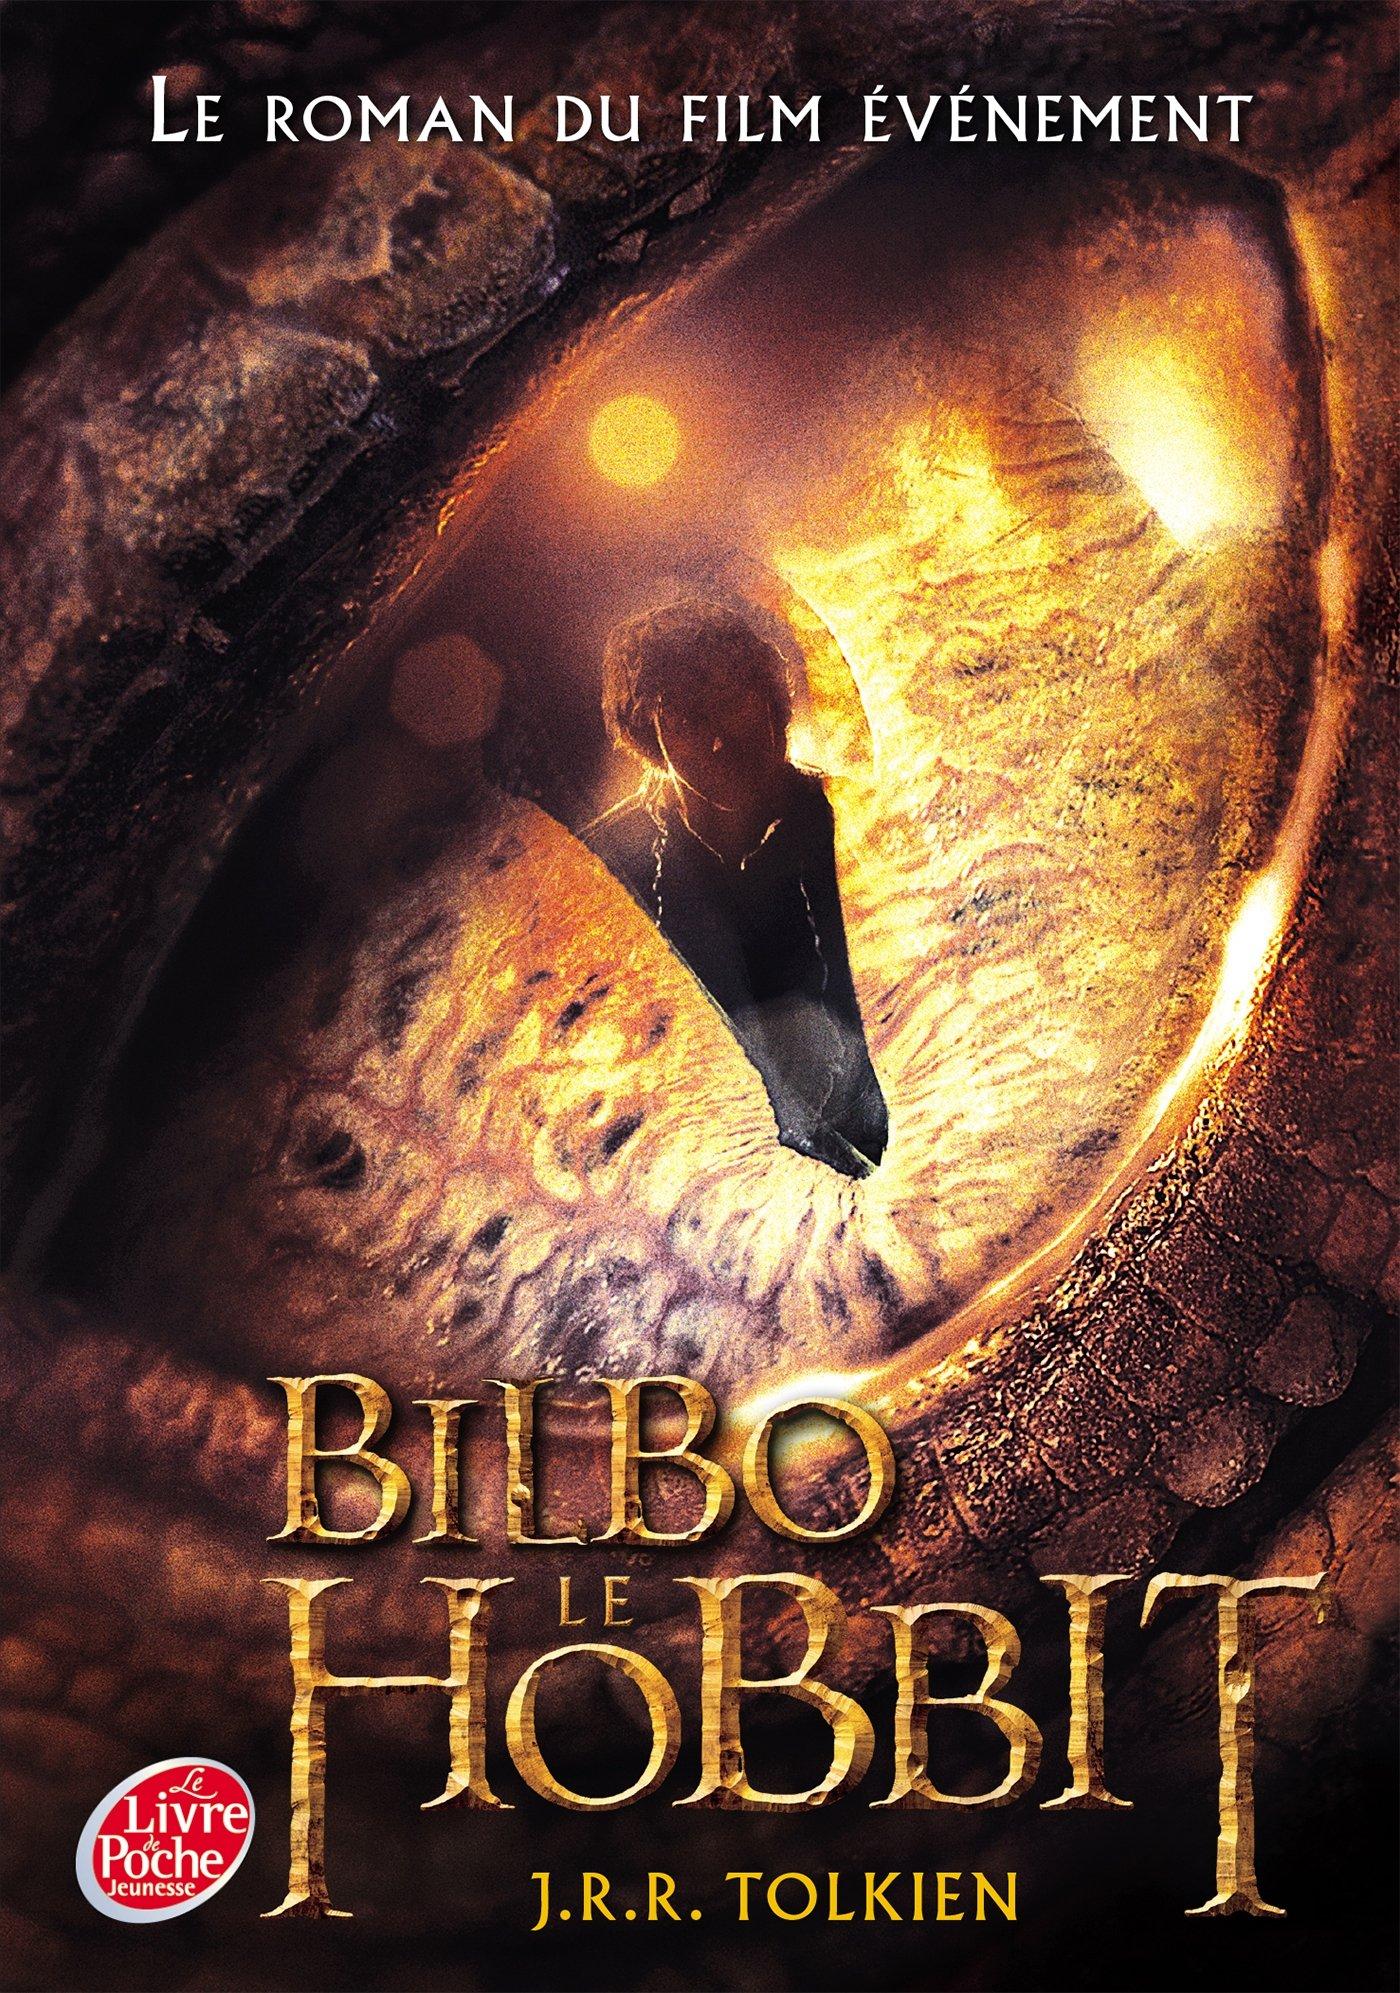 Roman couverture film événement Tolkien Bilbo le Hobbit